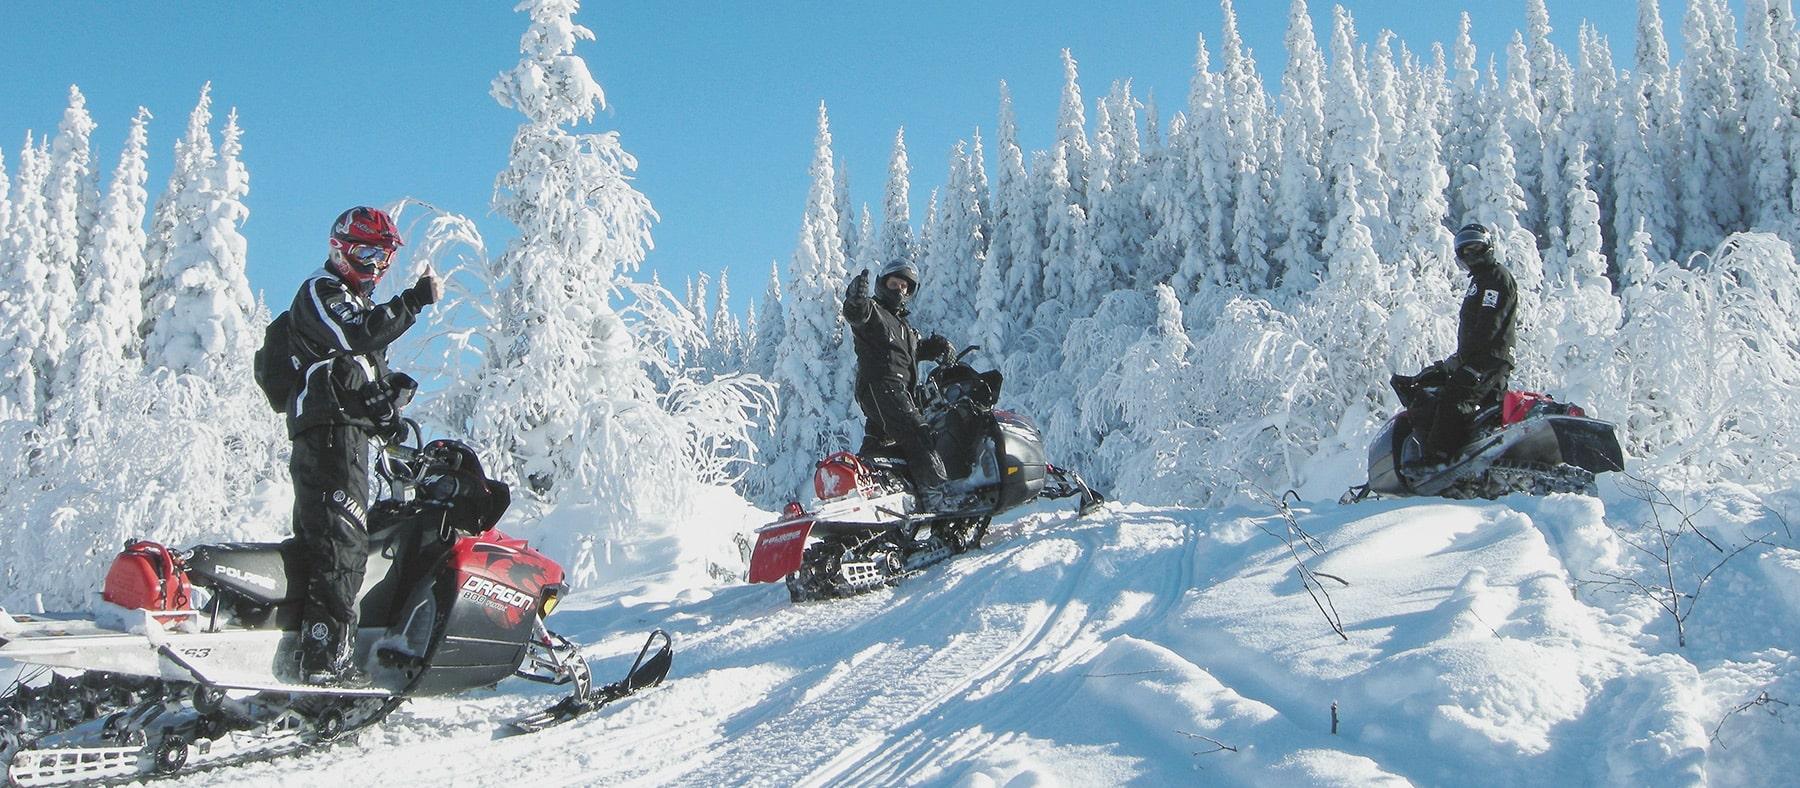 mont-valin-martial-tremblay-tourisme-saguenay-lac-saint-jean-quebec-le-mag